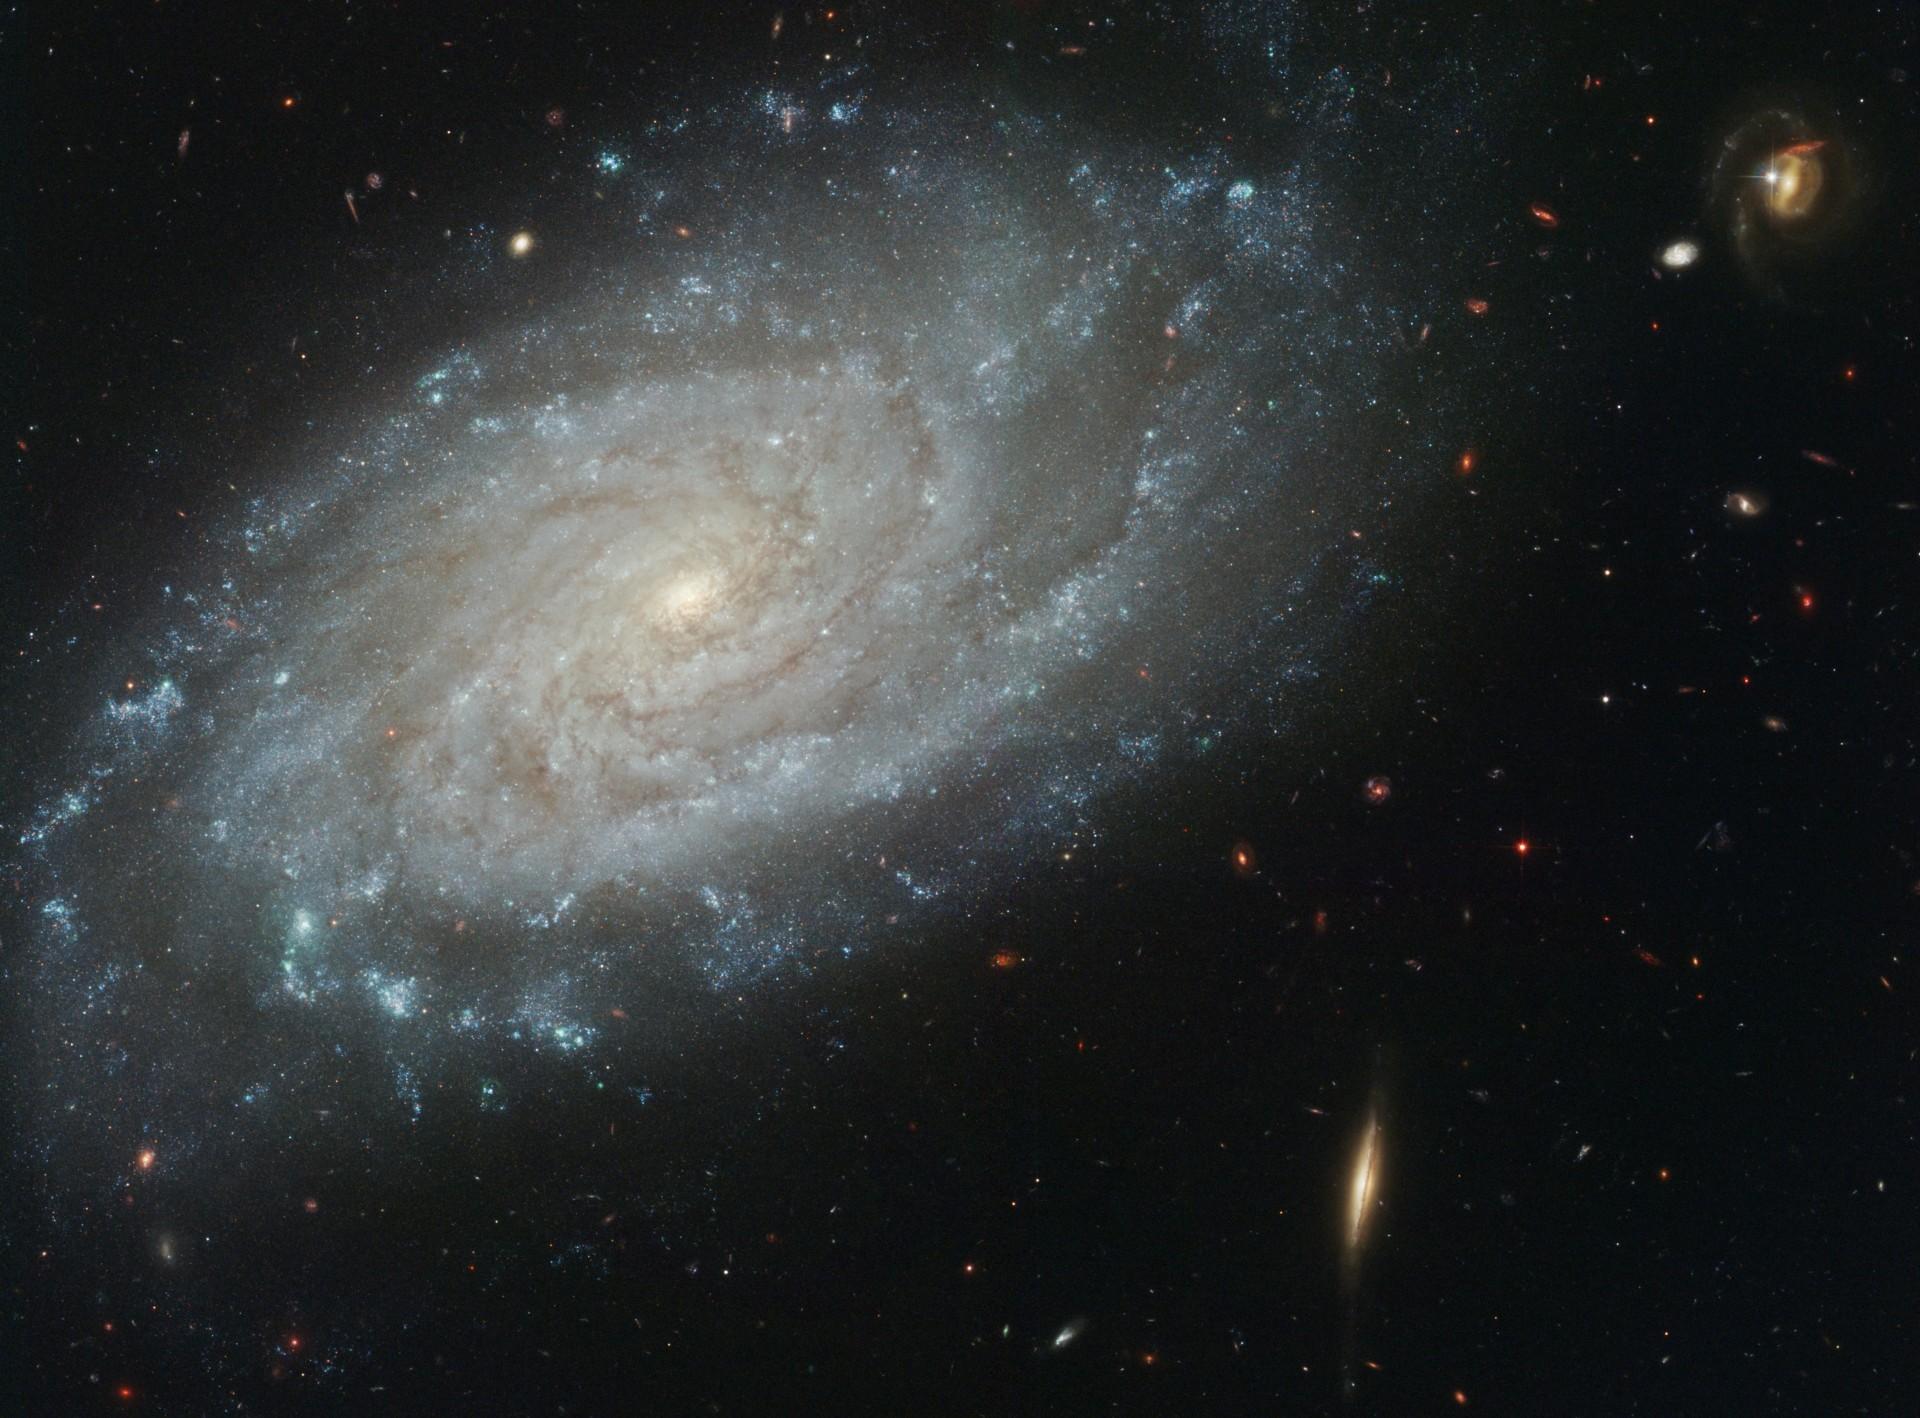 дом газобетона наша галактика во вселенной фото модели